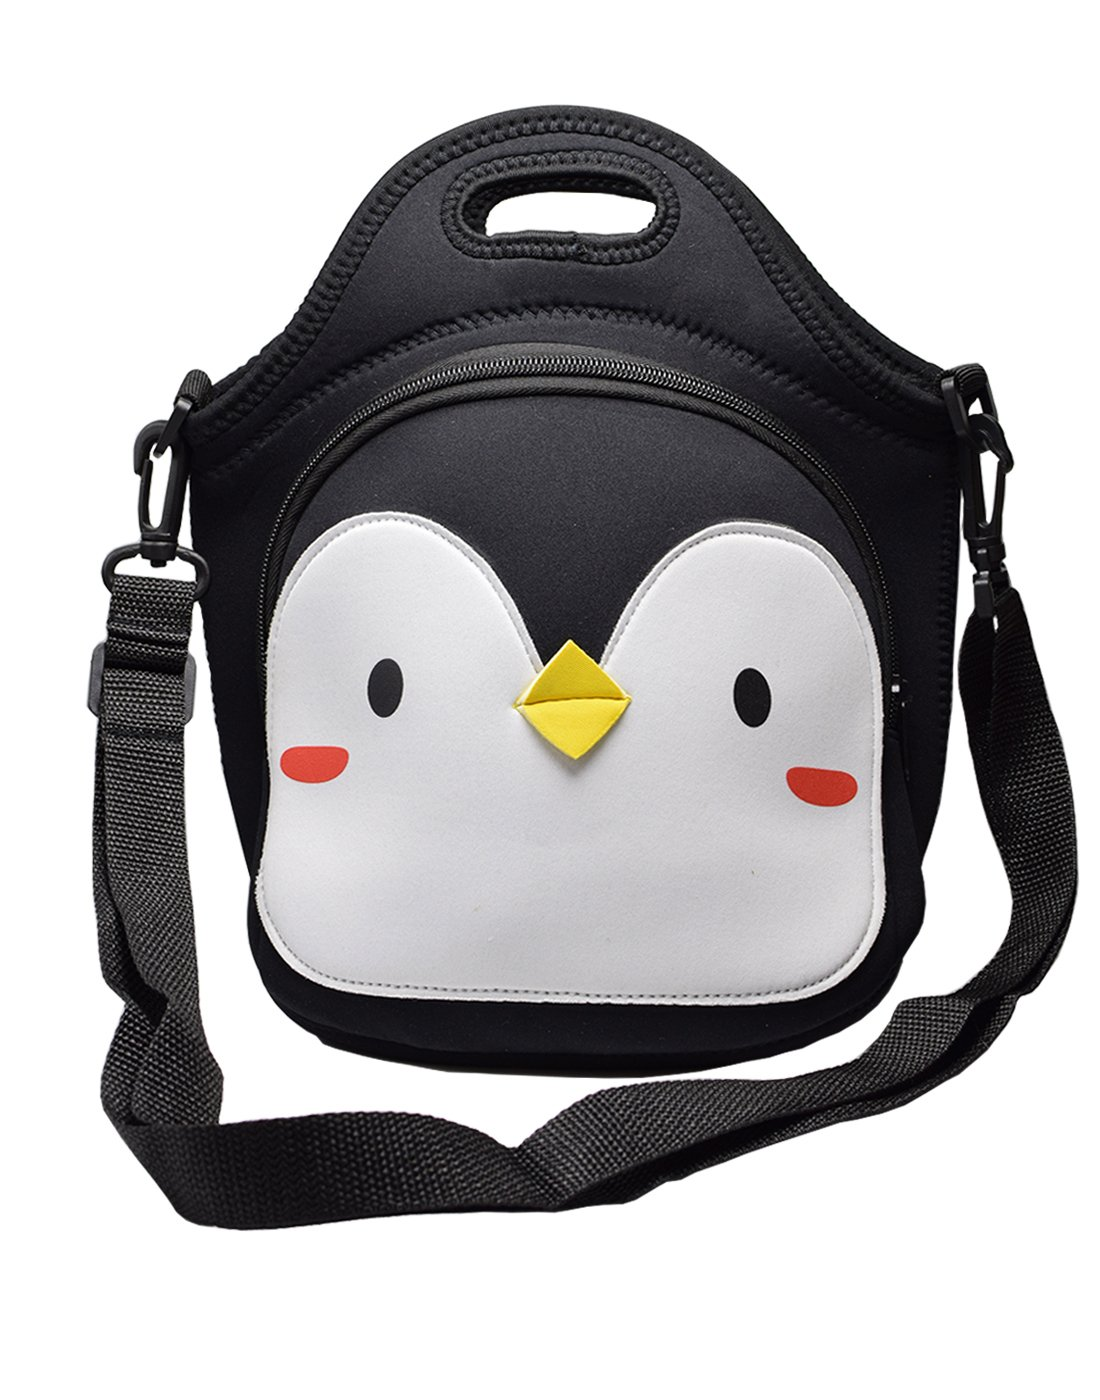 MOT Global Penguin Insulated Neoprene Lunch Tote Bag + Adjustable Shoulder Strap